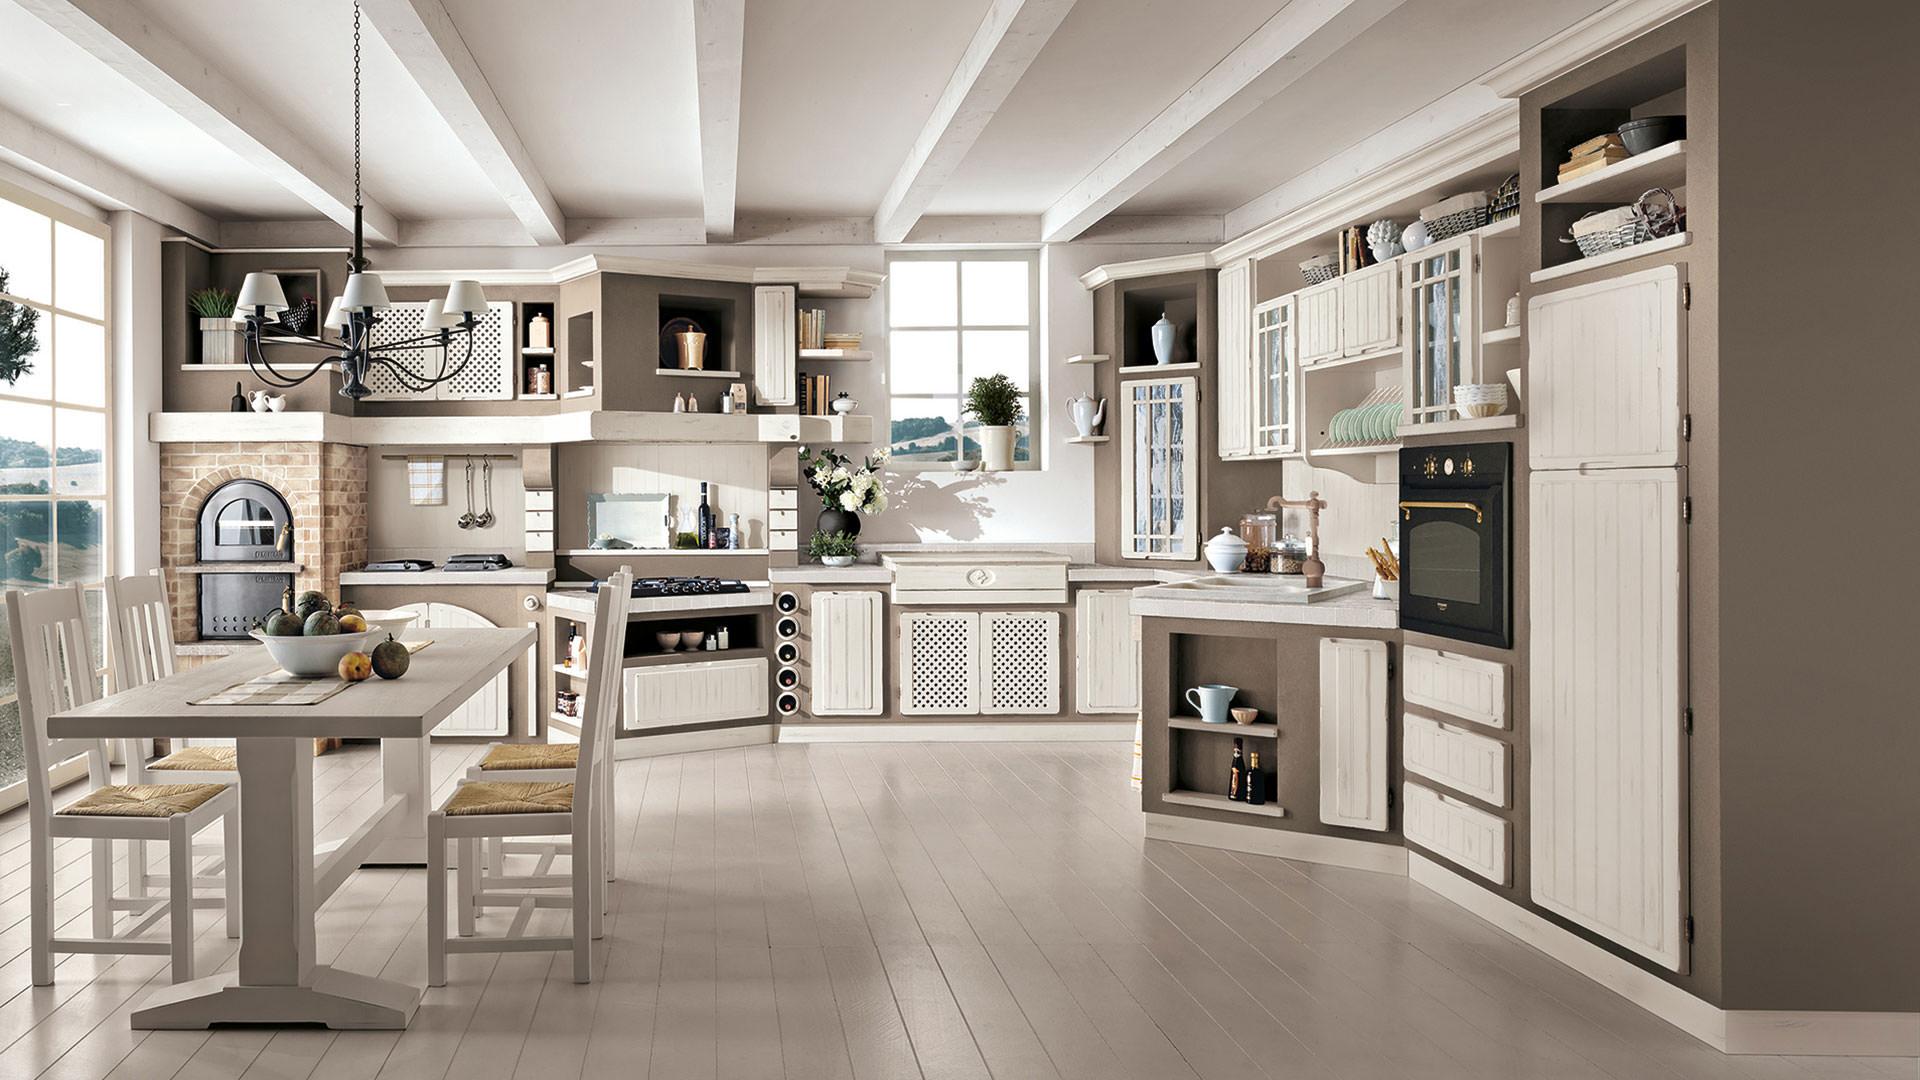 Cucina lube classica contemporanea elena 7 rafaschieri - Cucina classica contemporanea ...